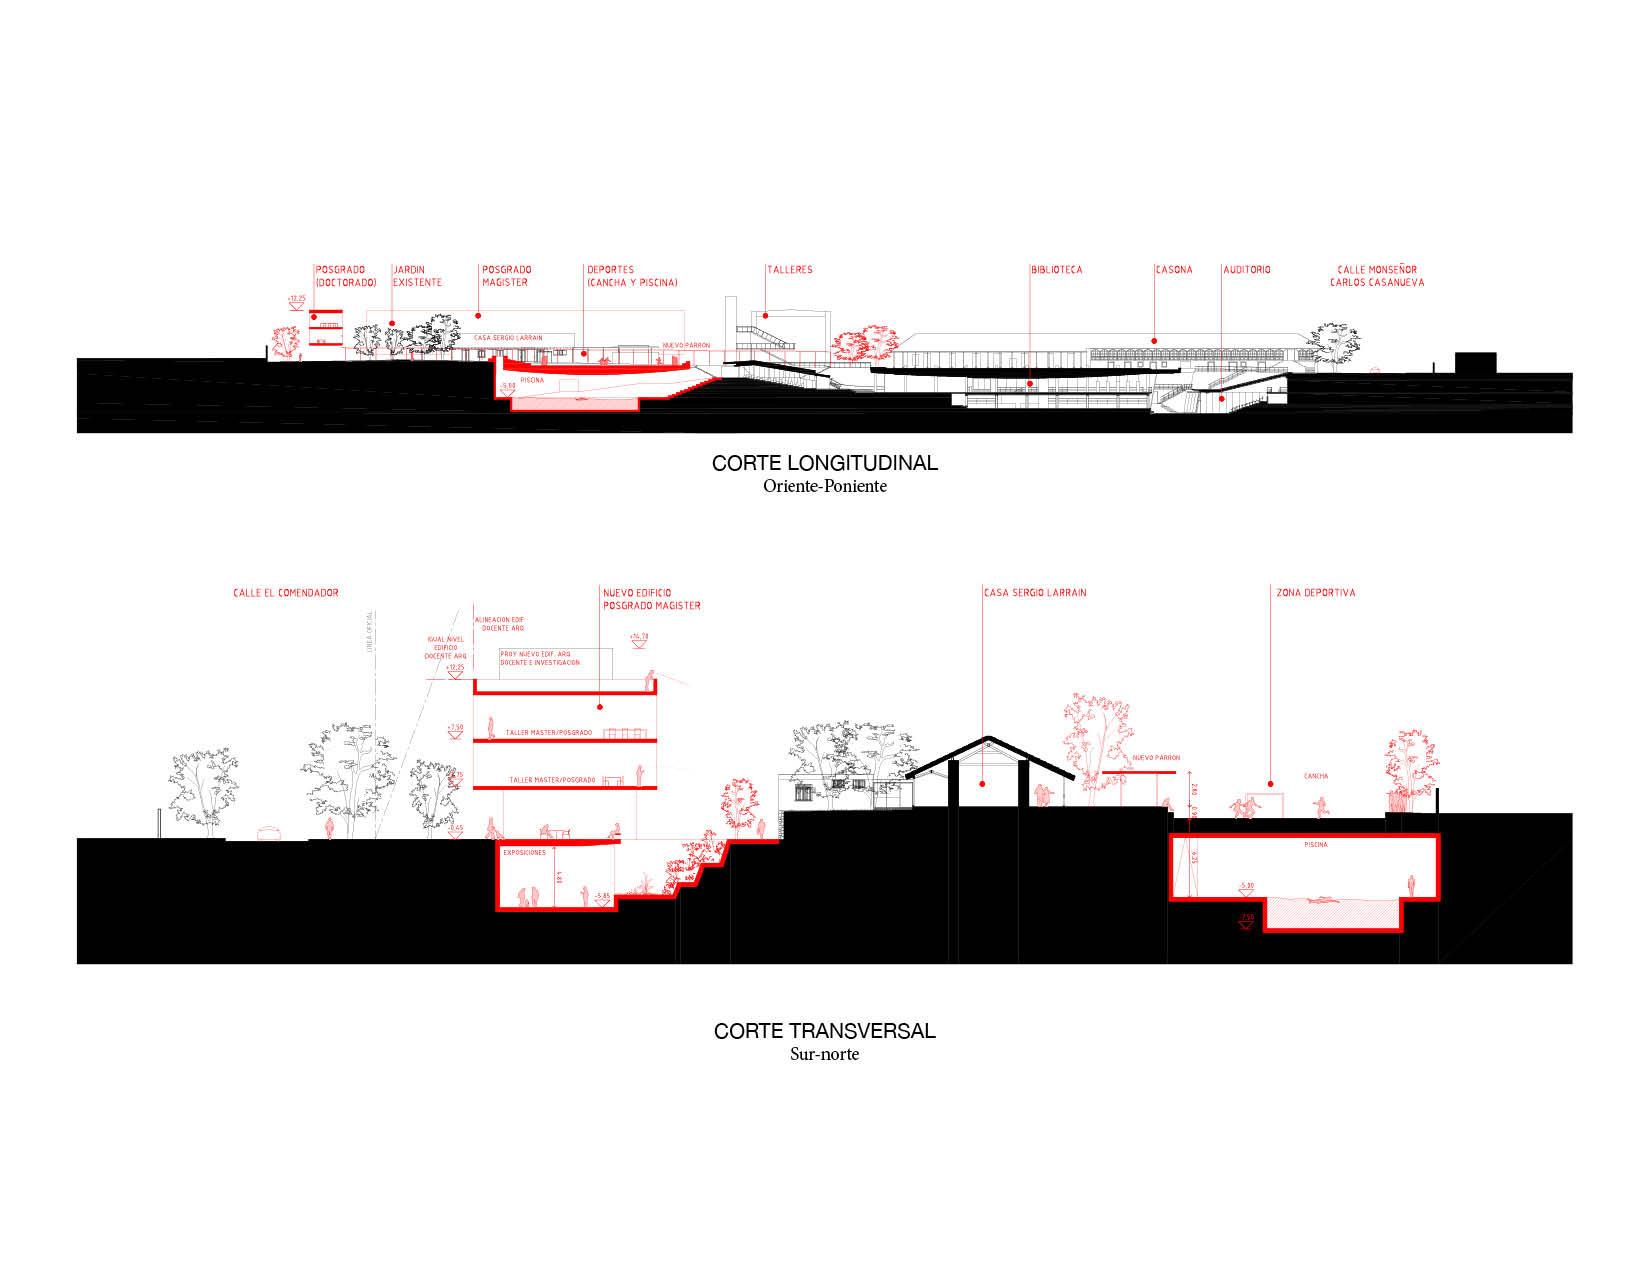 Cortes/secciones: longitudinal y transversal